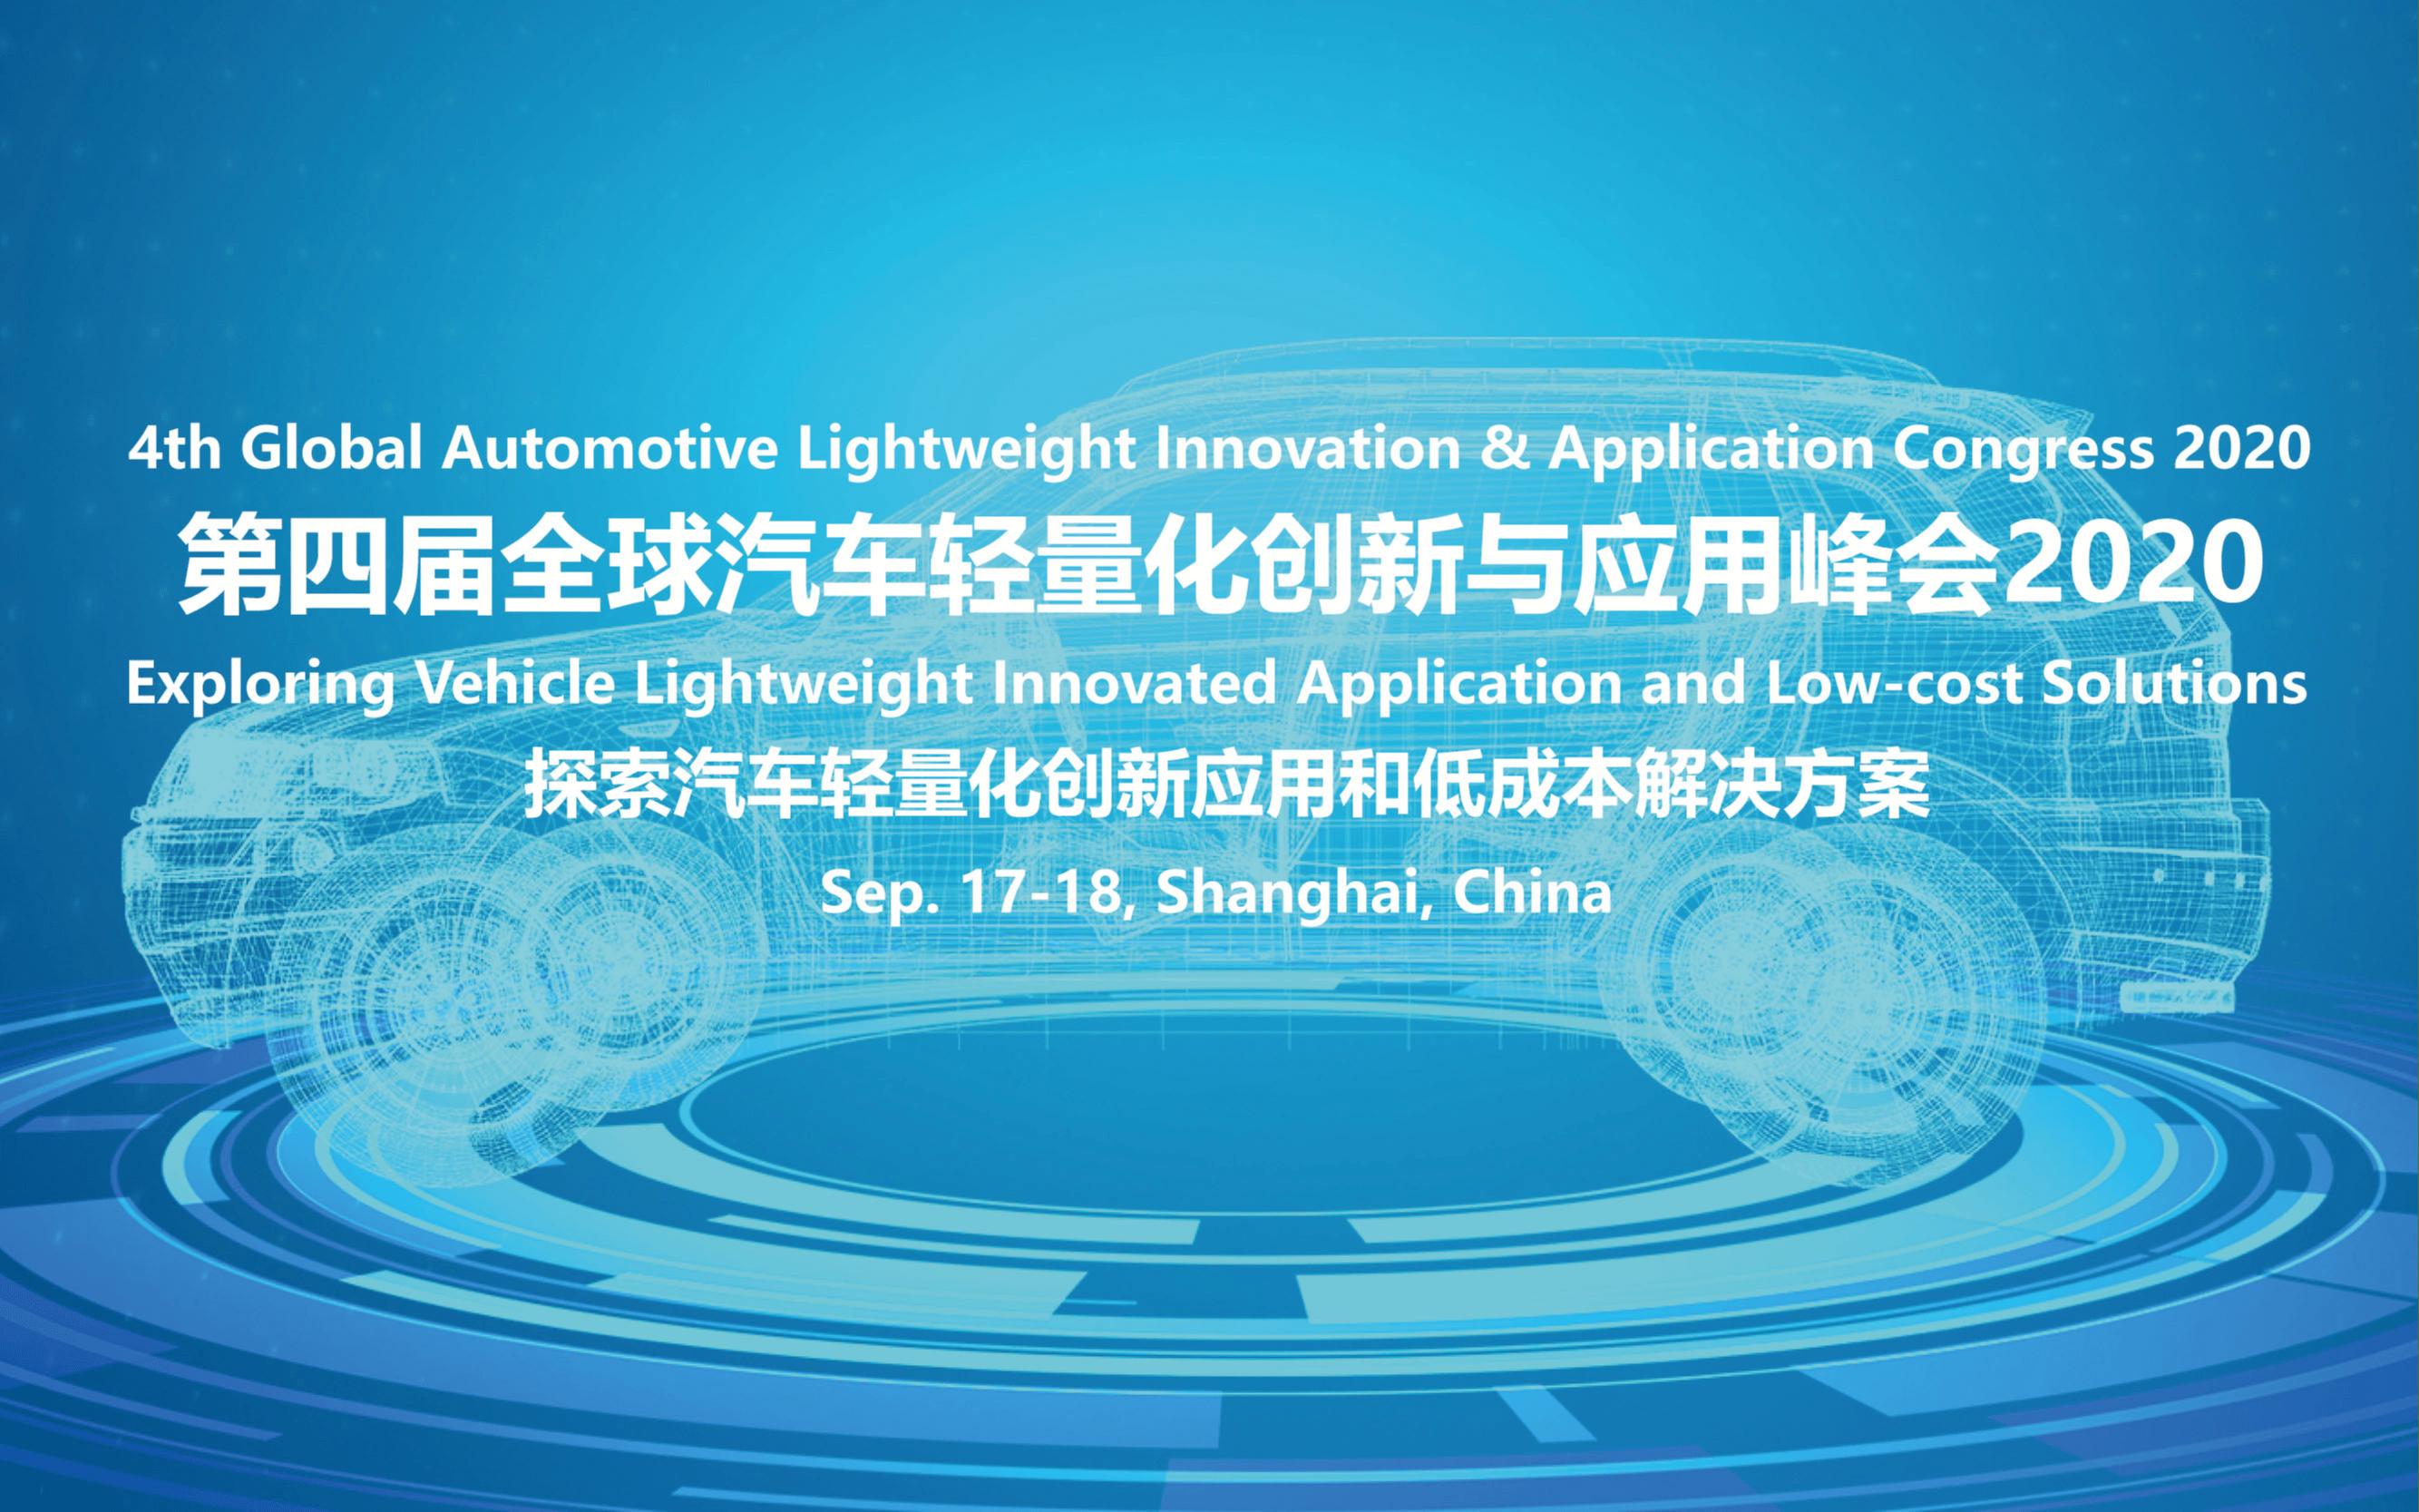 第四届全球汽车轻量化创新与应用峰会2020